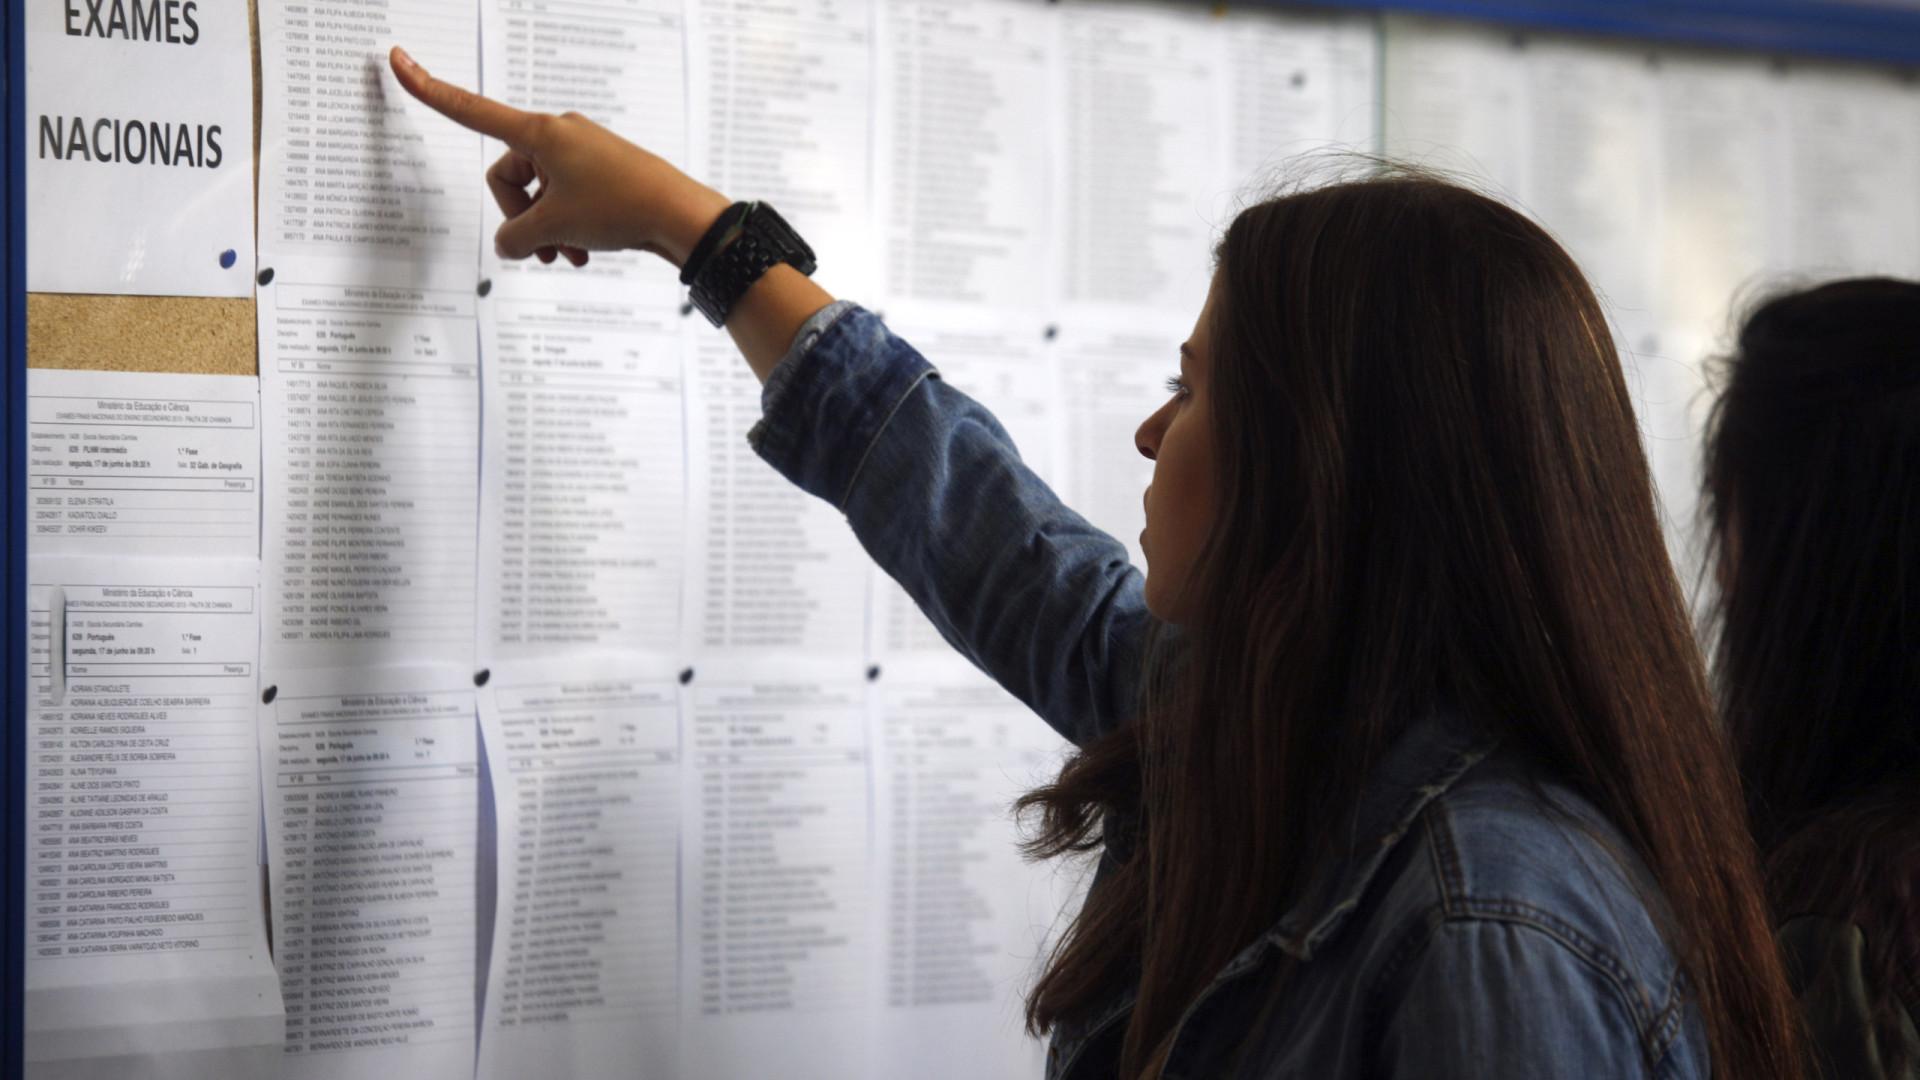 Informática regista a maior subida no número de vagas — Ensino Superior